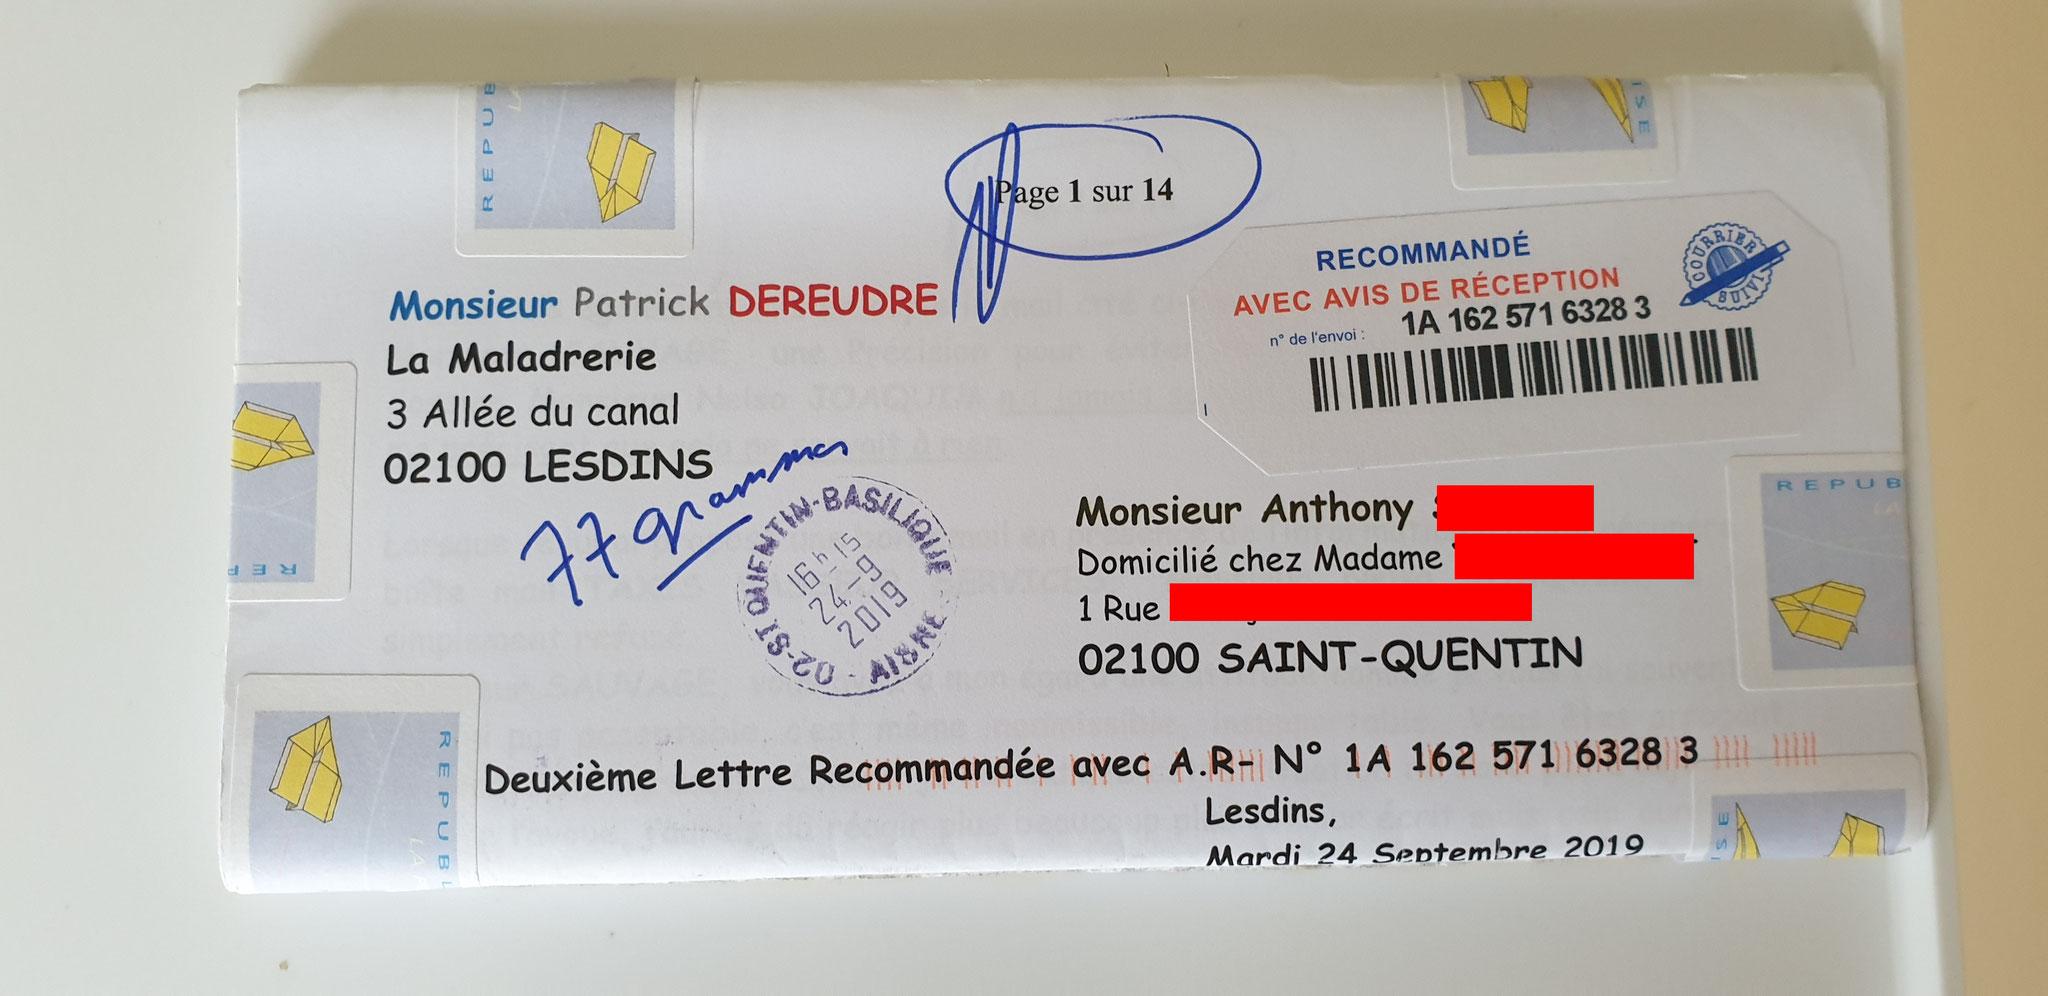 Ma deuxième LRAR du 24 Septembre 2019 à Monsieur Anthony Standardiste CHEZ LES TAXIS VASSEUR SERVICES VIOLENCES & SOUFFRANCES AU TRAVAIL (MOBBING & GANG STAKLING) www.jenesuispasunchien.fr www.jesuisvictime.fr www.jesuispatrick.fr